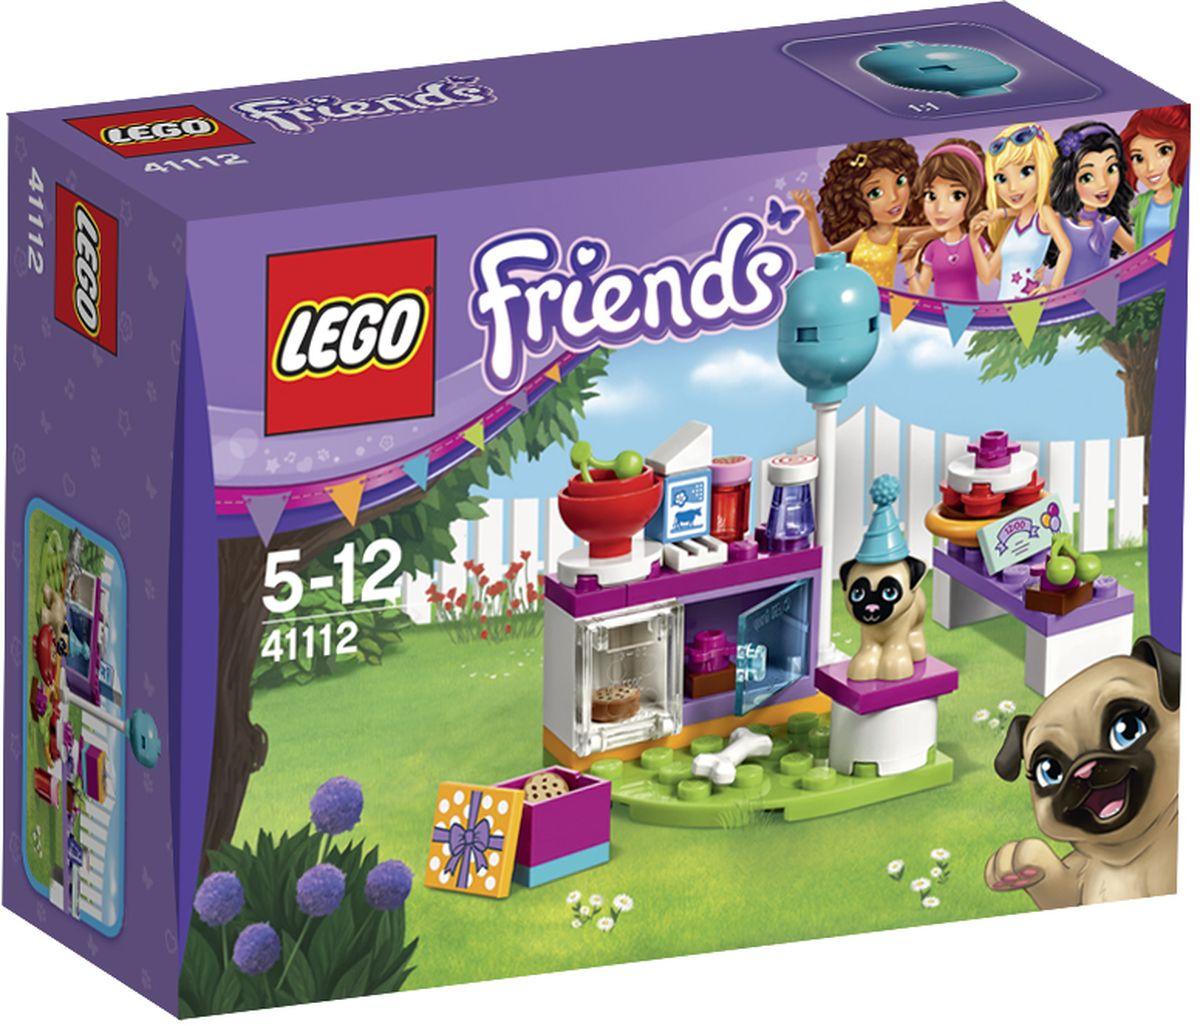 LEGO Friends Конструктор День рождения Тортики 4111241112Мопс Тофи был приглашен на вечеринку по случаю Дня рождения. Заходите на кухню, чтобы помочь приготовить торт, который потом возьмете с собой! Все, что нужно, есть в холодильнике и в шкафу. Затем надевайте праздничный колпак и отправляйся, но сначала дайте Тофи косточку, чтобы он не съел торт по дороге! Набор включает в себя 50 разноцветных пластиковых элементов. Конструктор - это один из самых увлекательнейших и веселых способов времяпрепровождения. Ребенок сможет часами играть с конструктором, придумывая различные ситуации и истории.